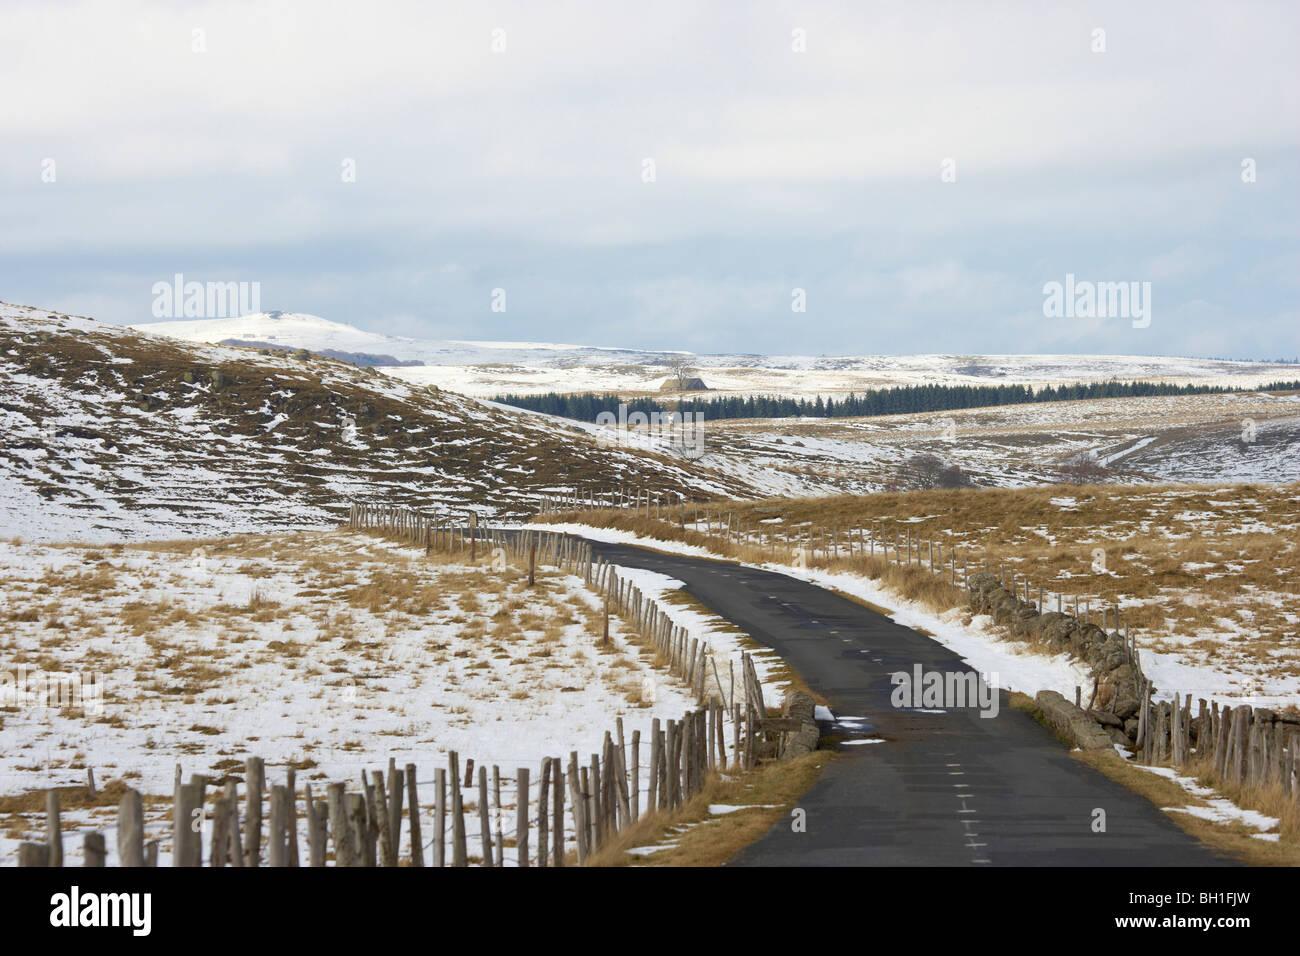 Snow in the Aubrac, The Way of St. James, Chemins de Saint Jacques, Via Podiensis, Dept. Aveyron, Région Midi - Stock Image